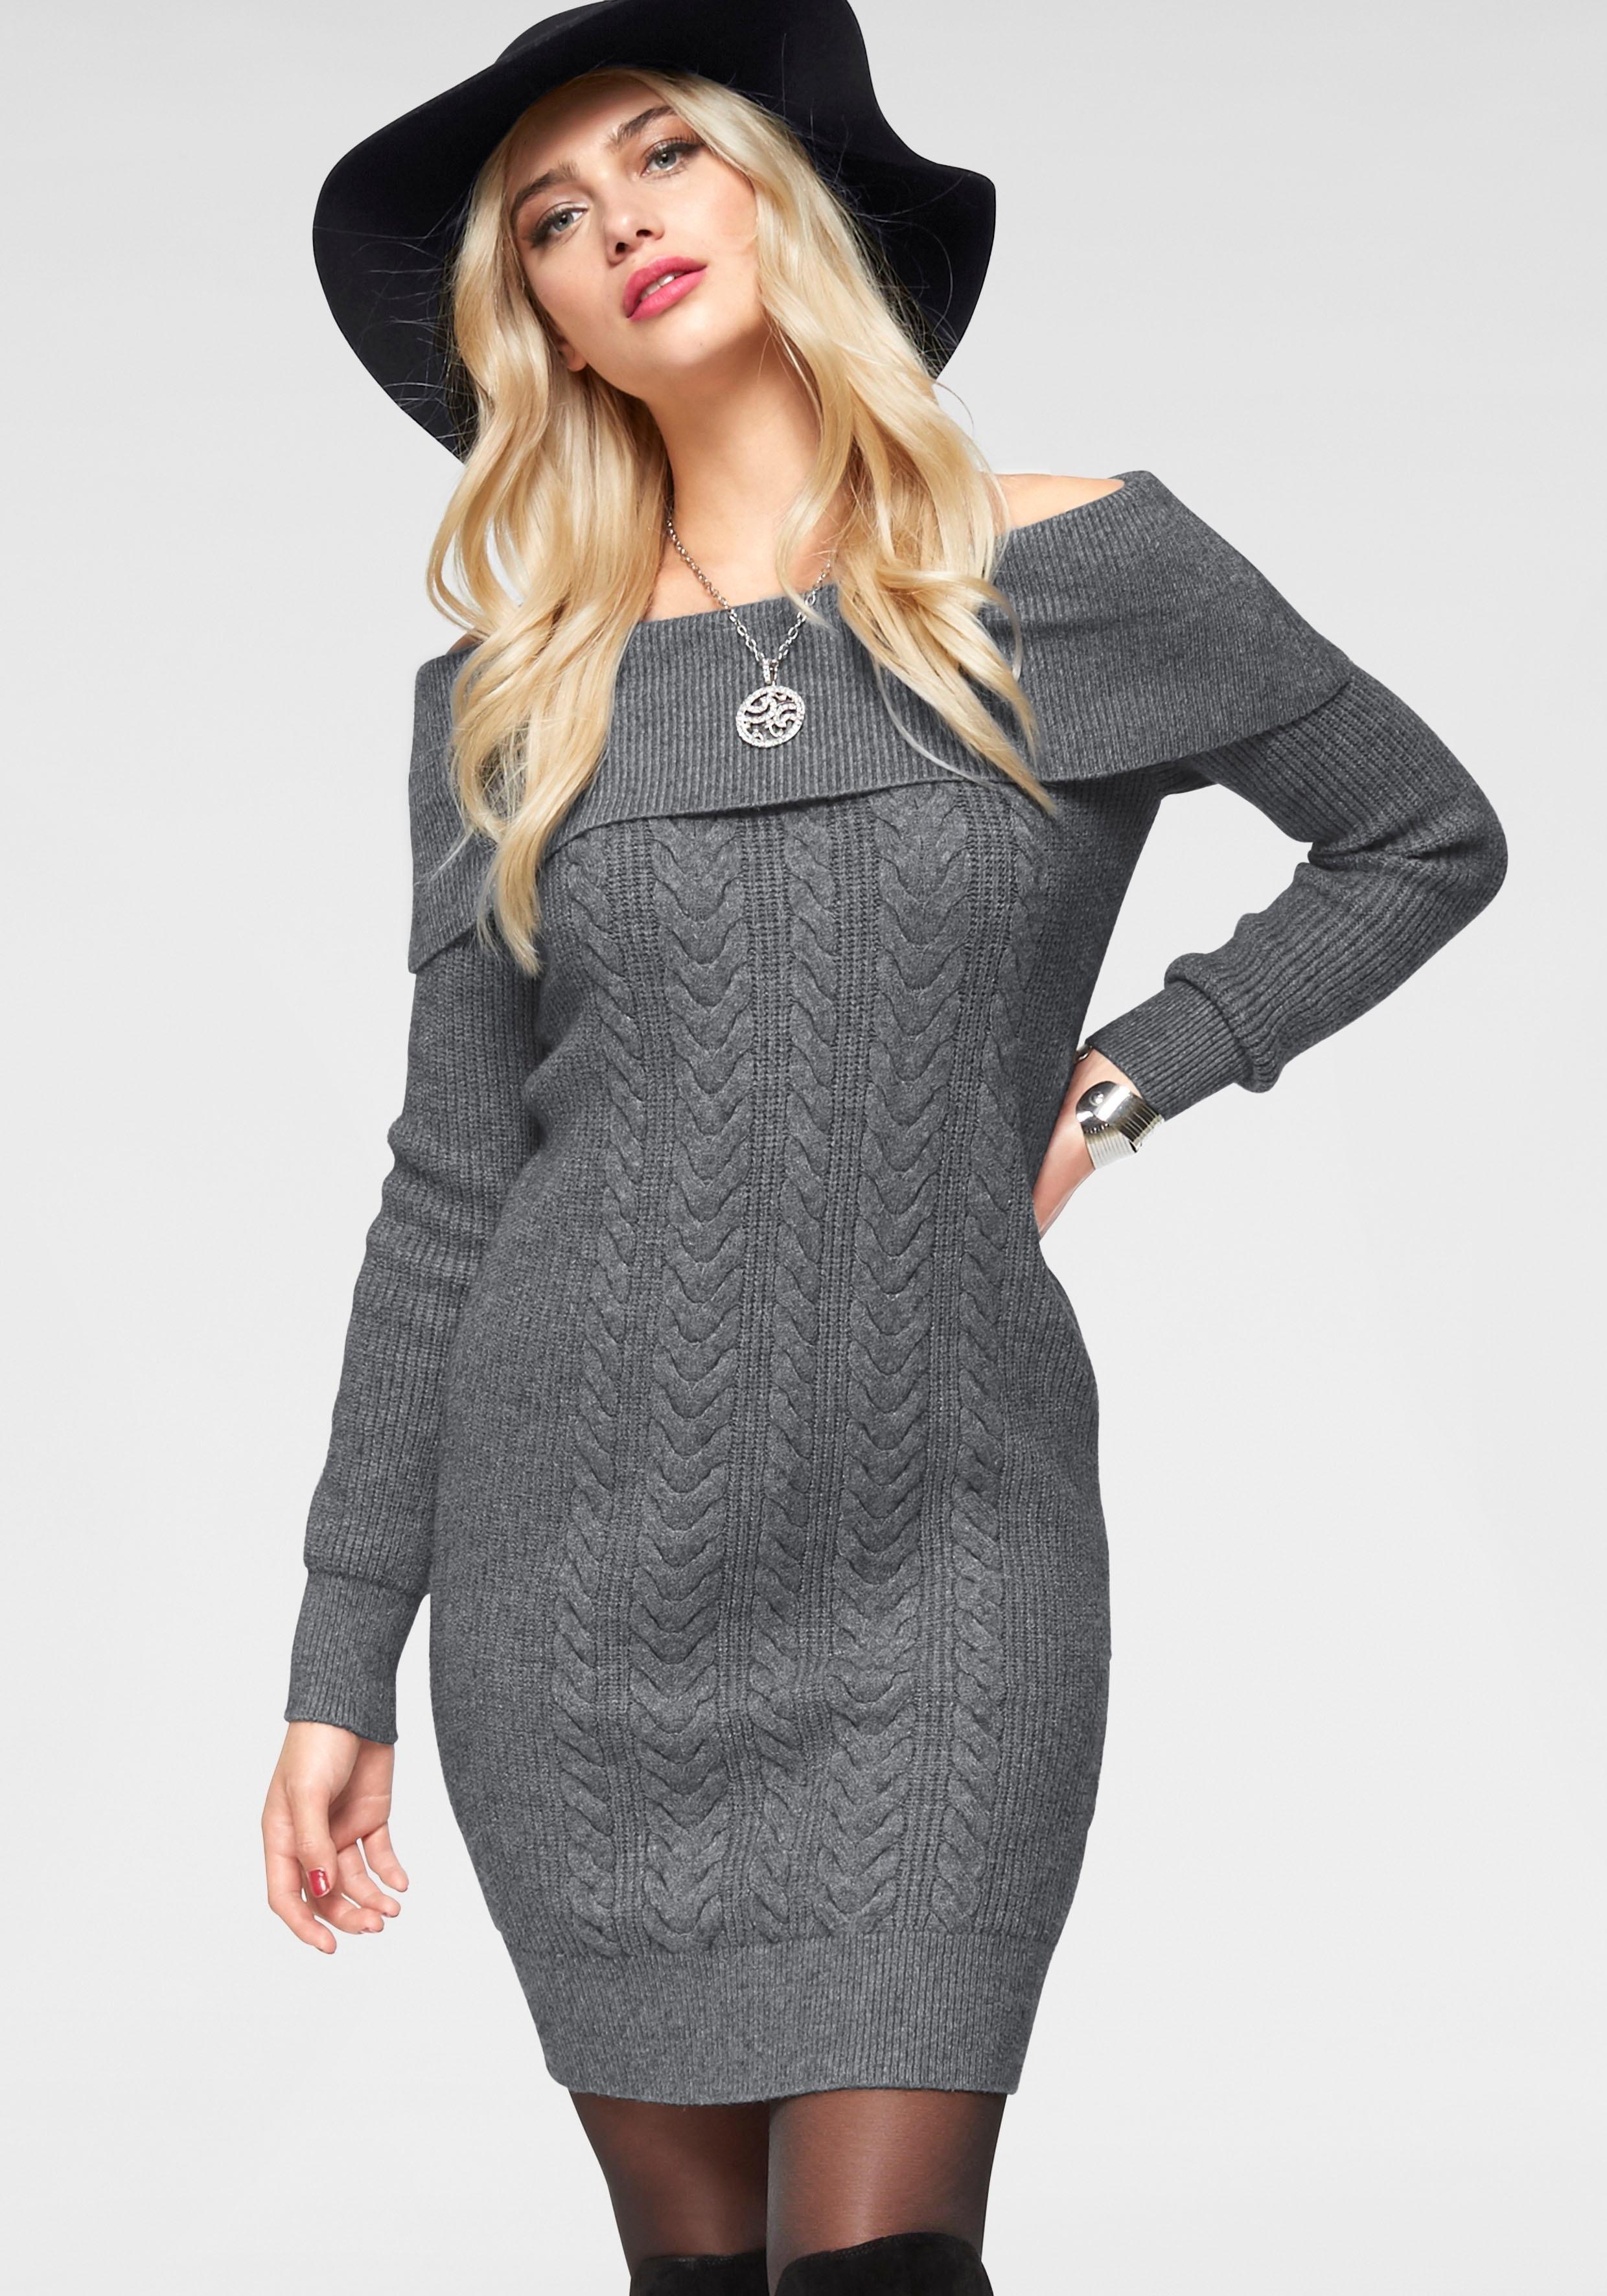 VERO MODA tricotjurk »JINA« nu online kopen bij OTTO